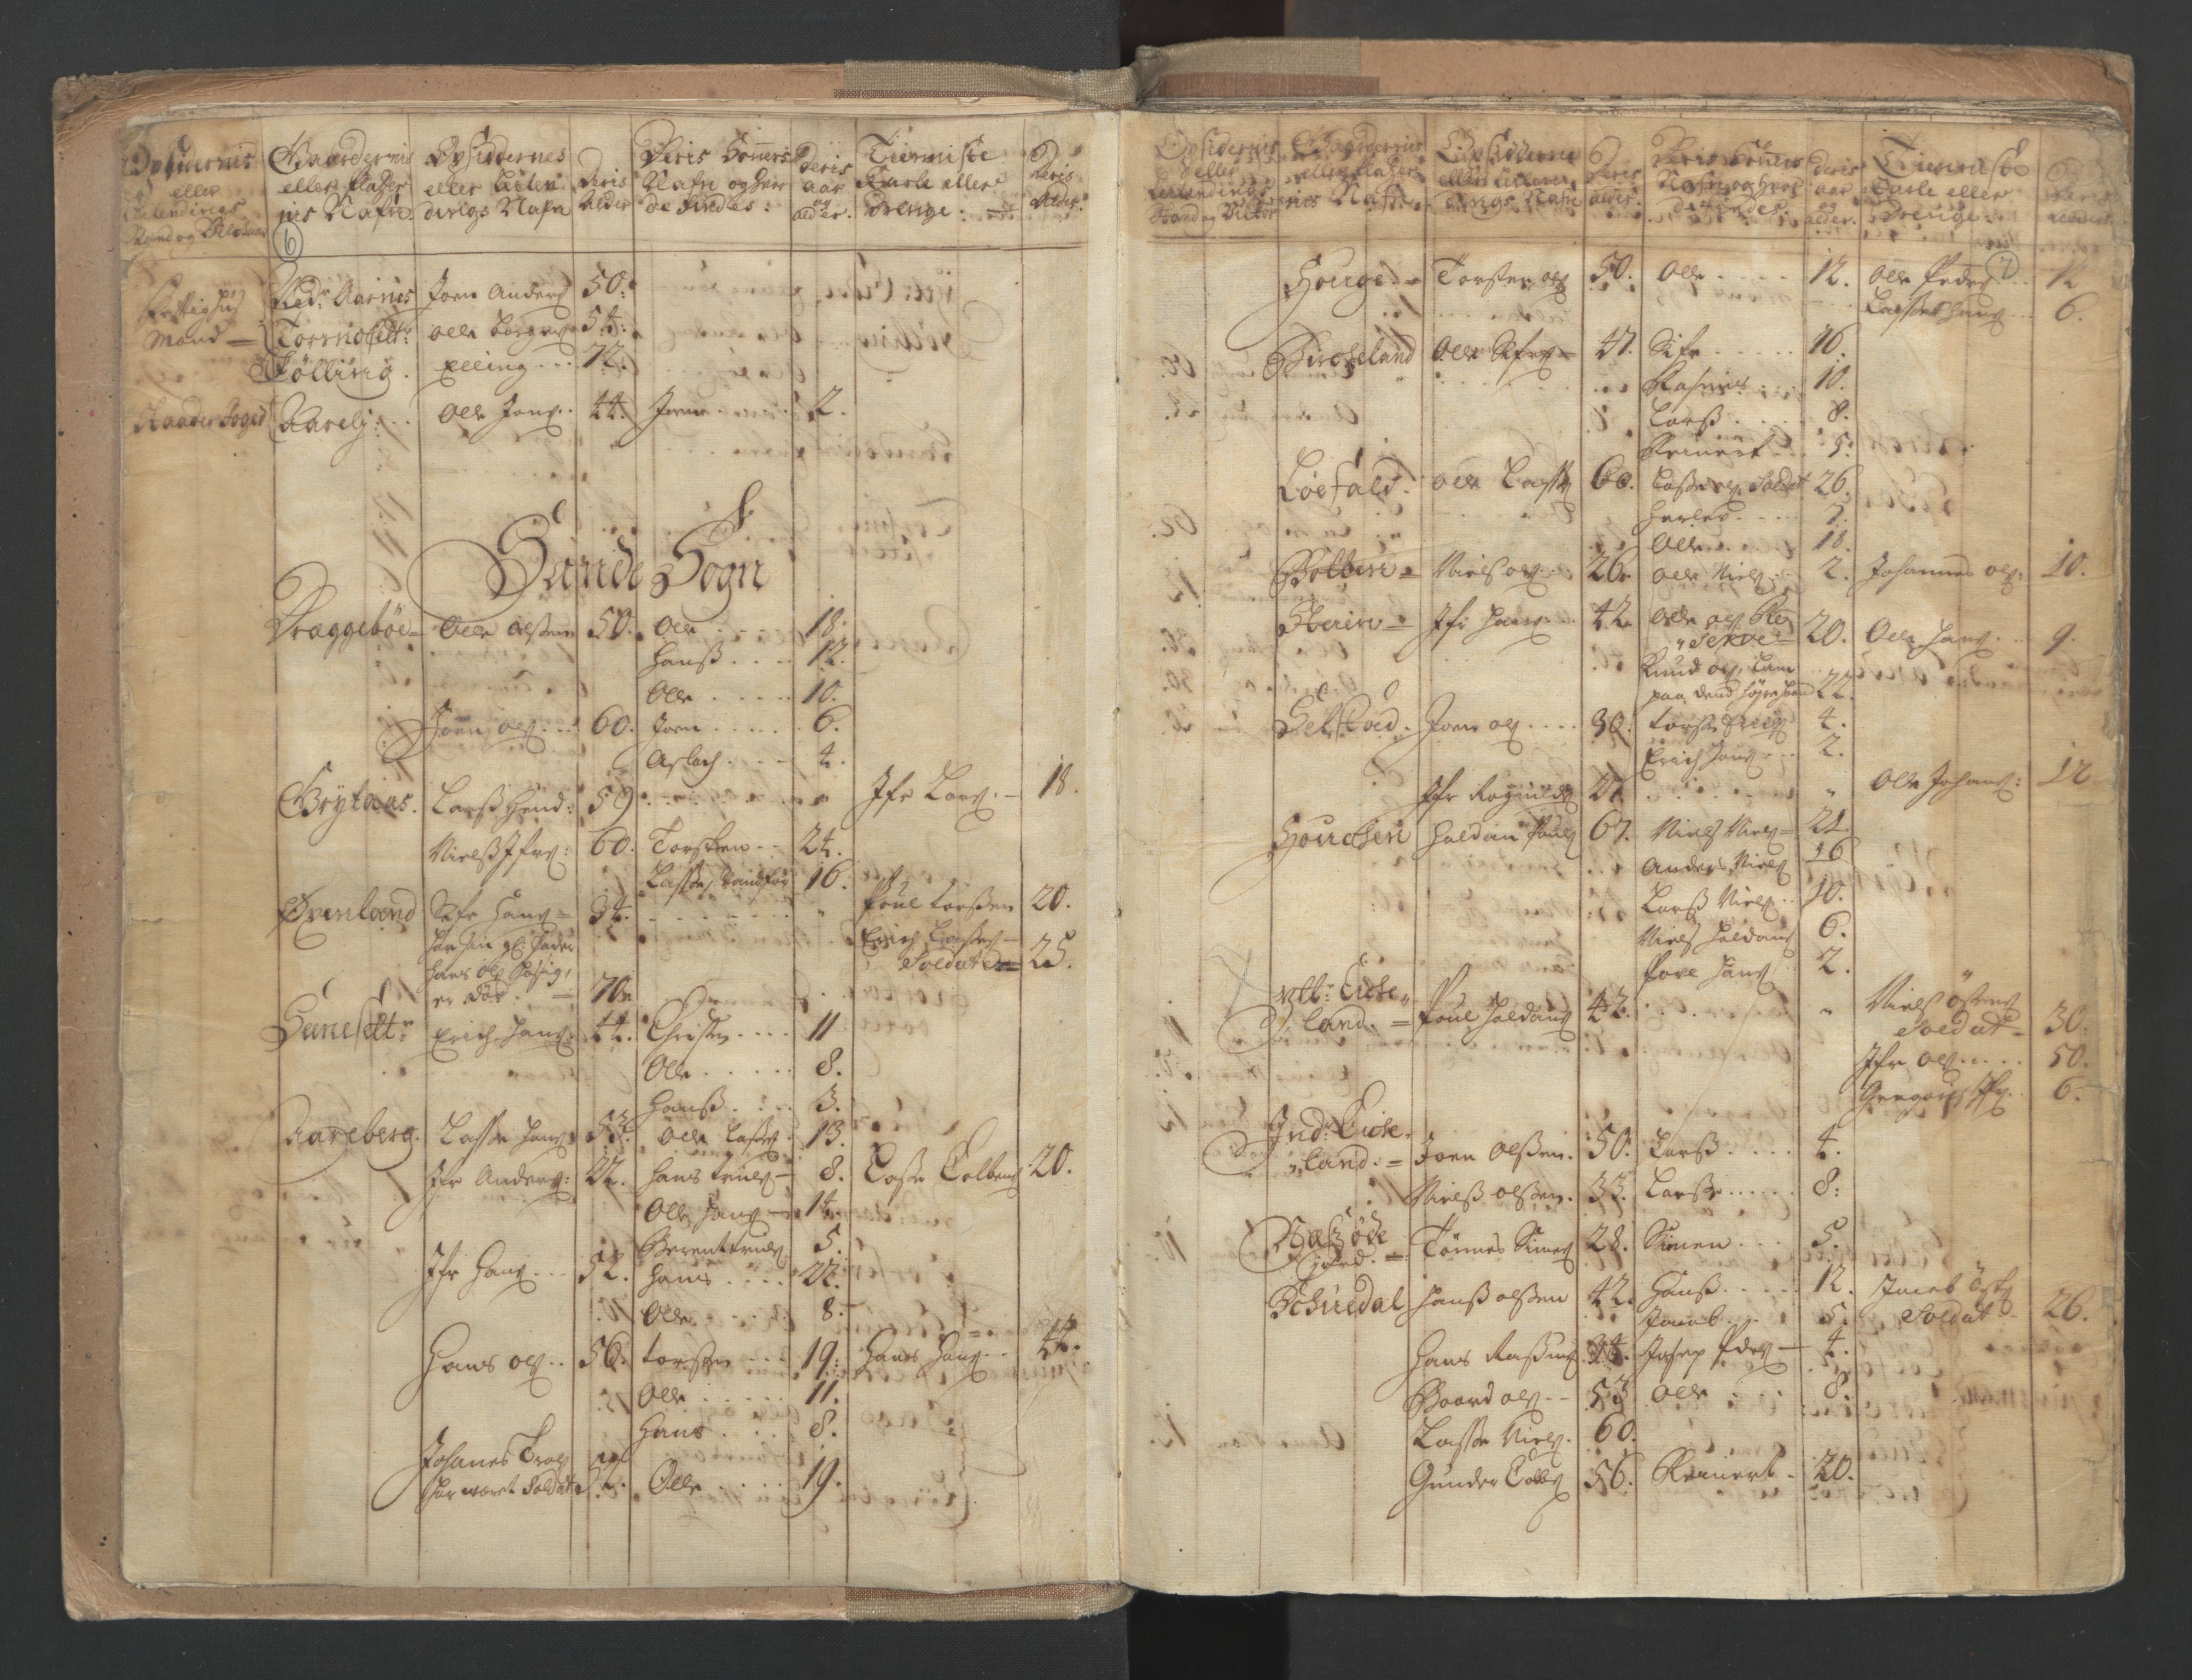 RA, Manntallet 1701, nr. 9: Sunnfjord fogderi, Nordfjord fogderi og Svanø birk, 1701, s. 6-7